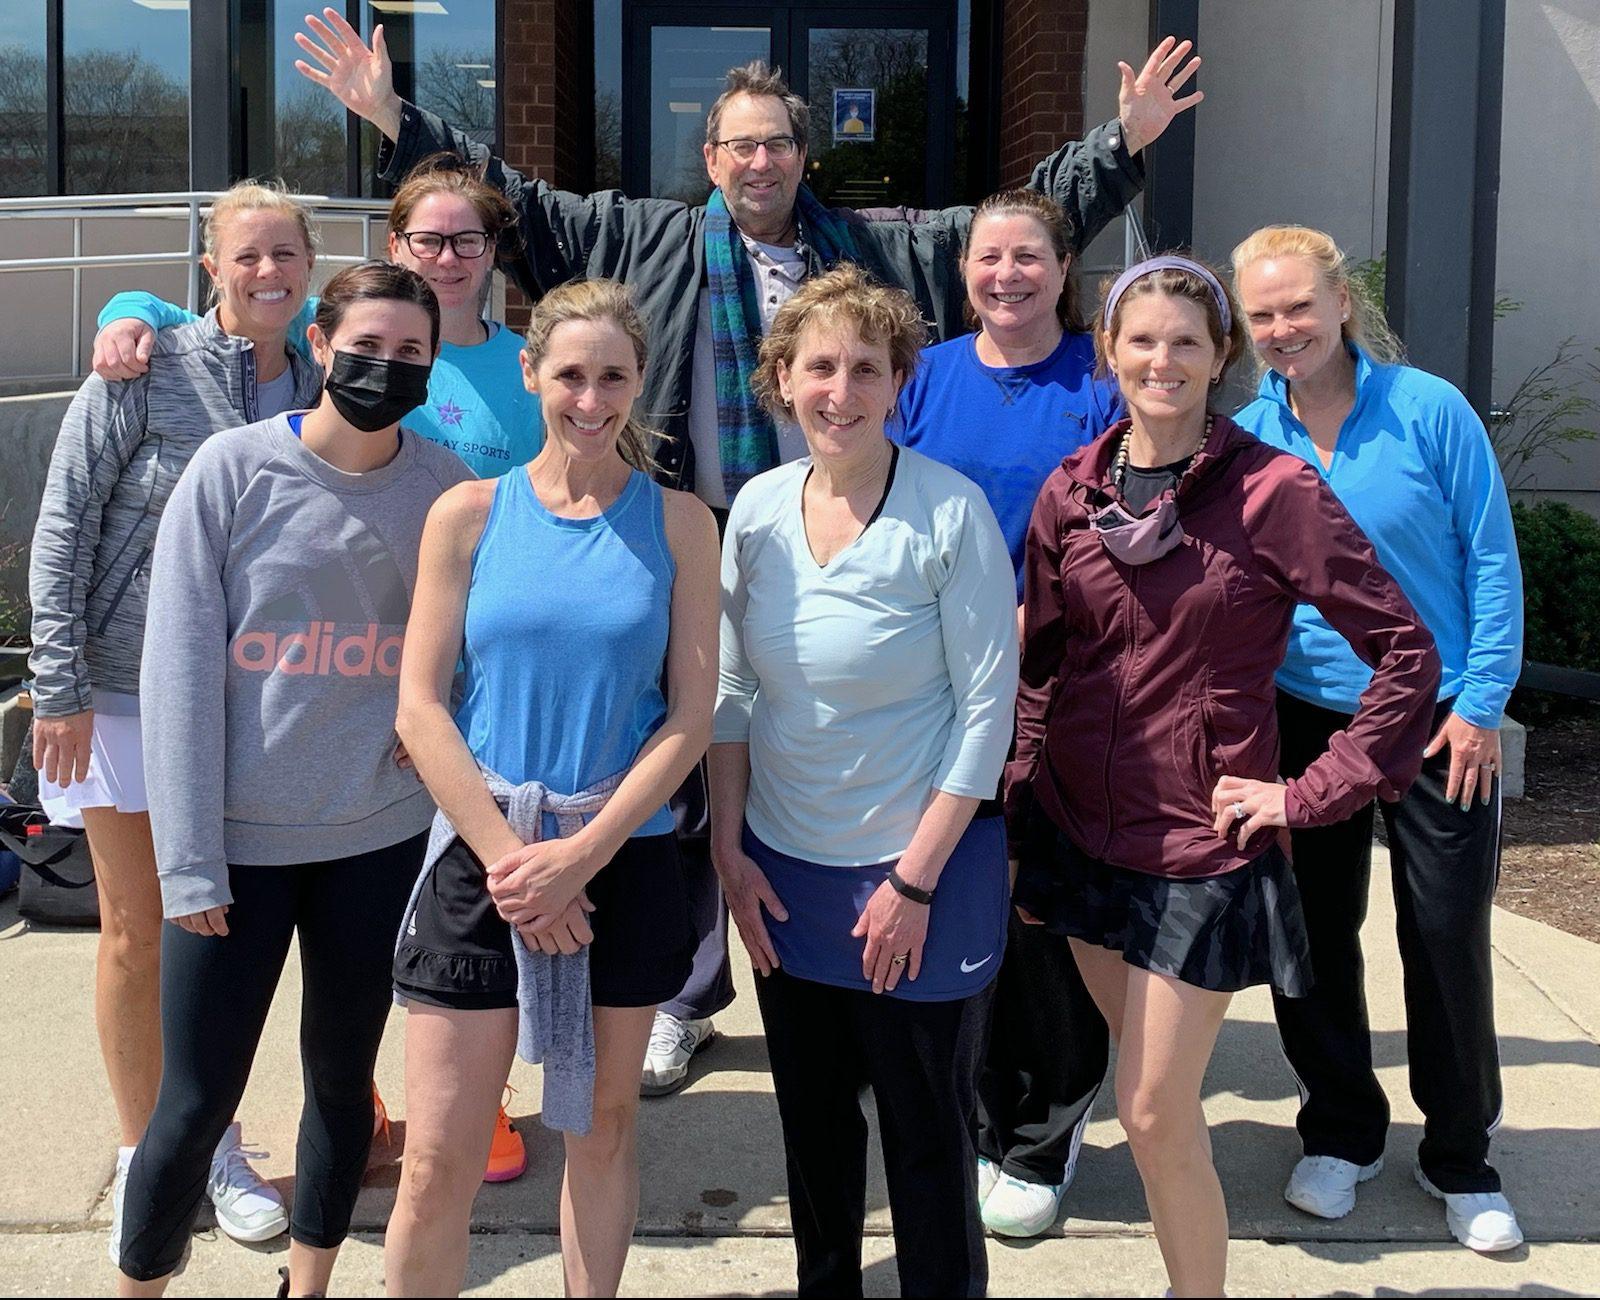 North Shore Racquet Club - Women's Open Northwest League Champion